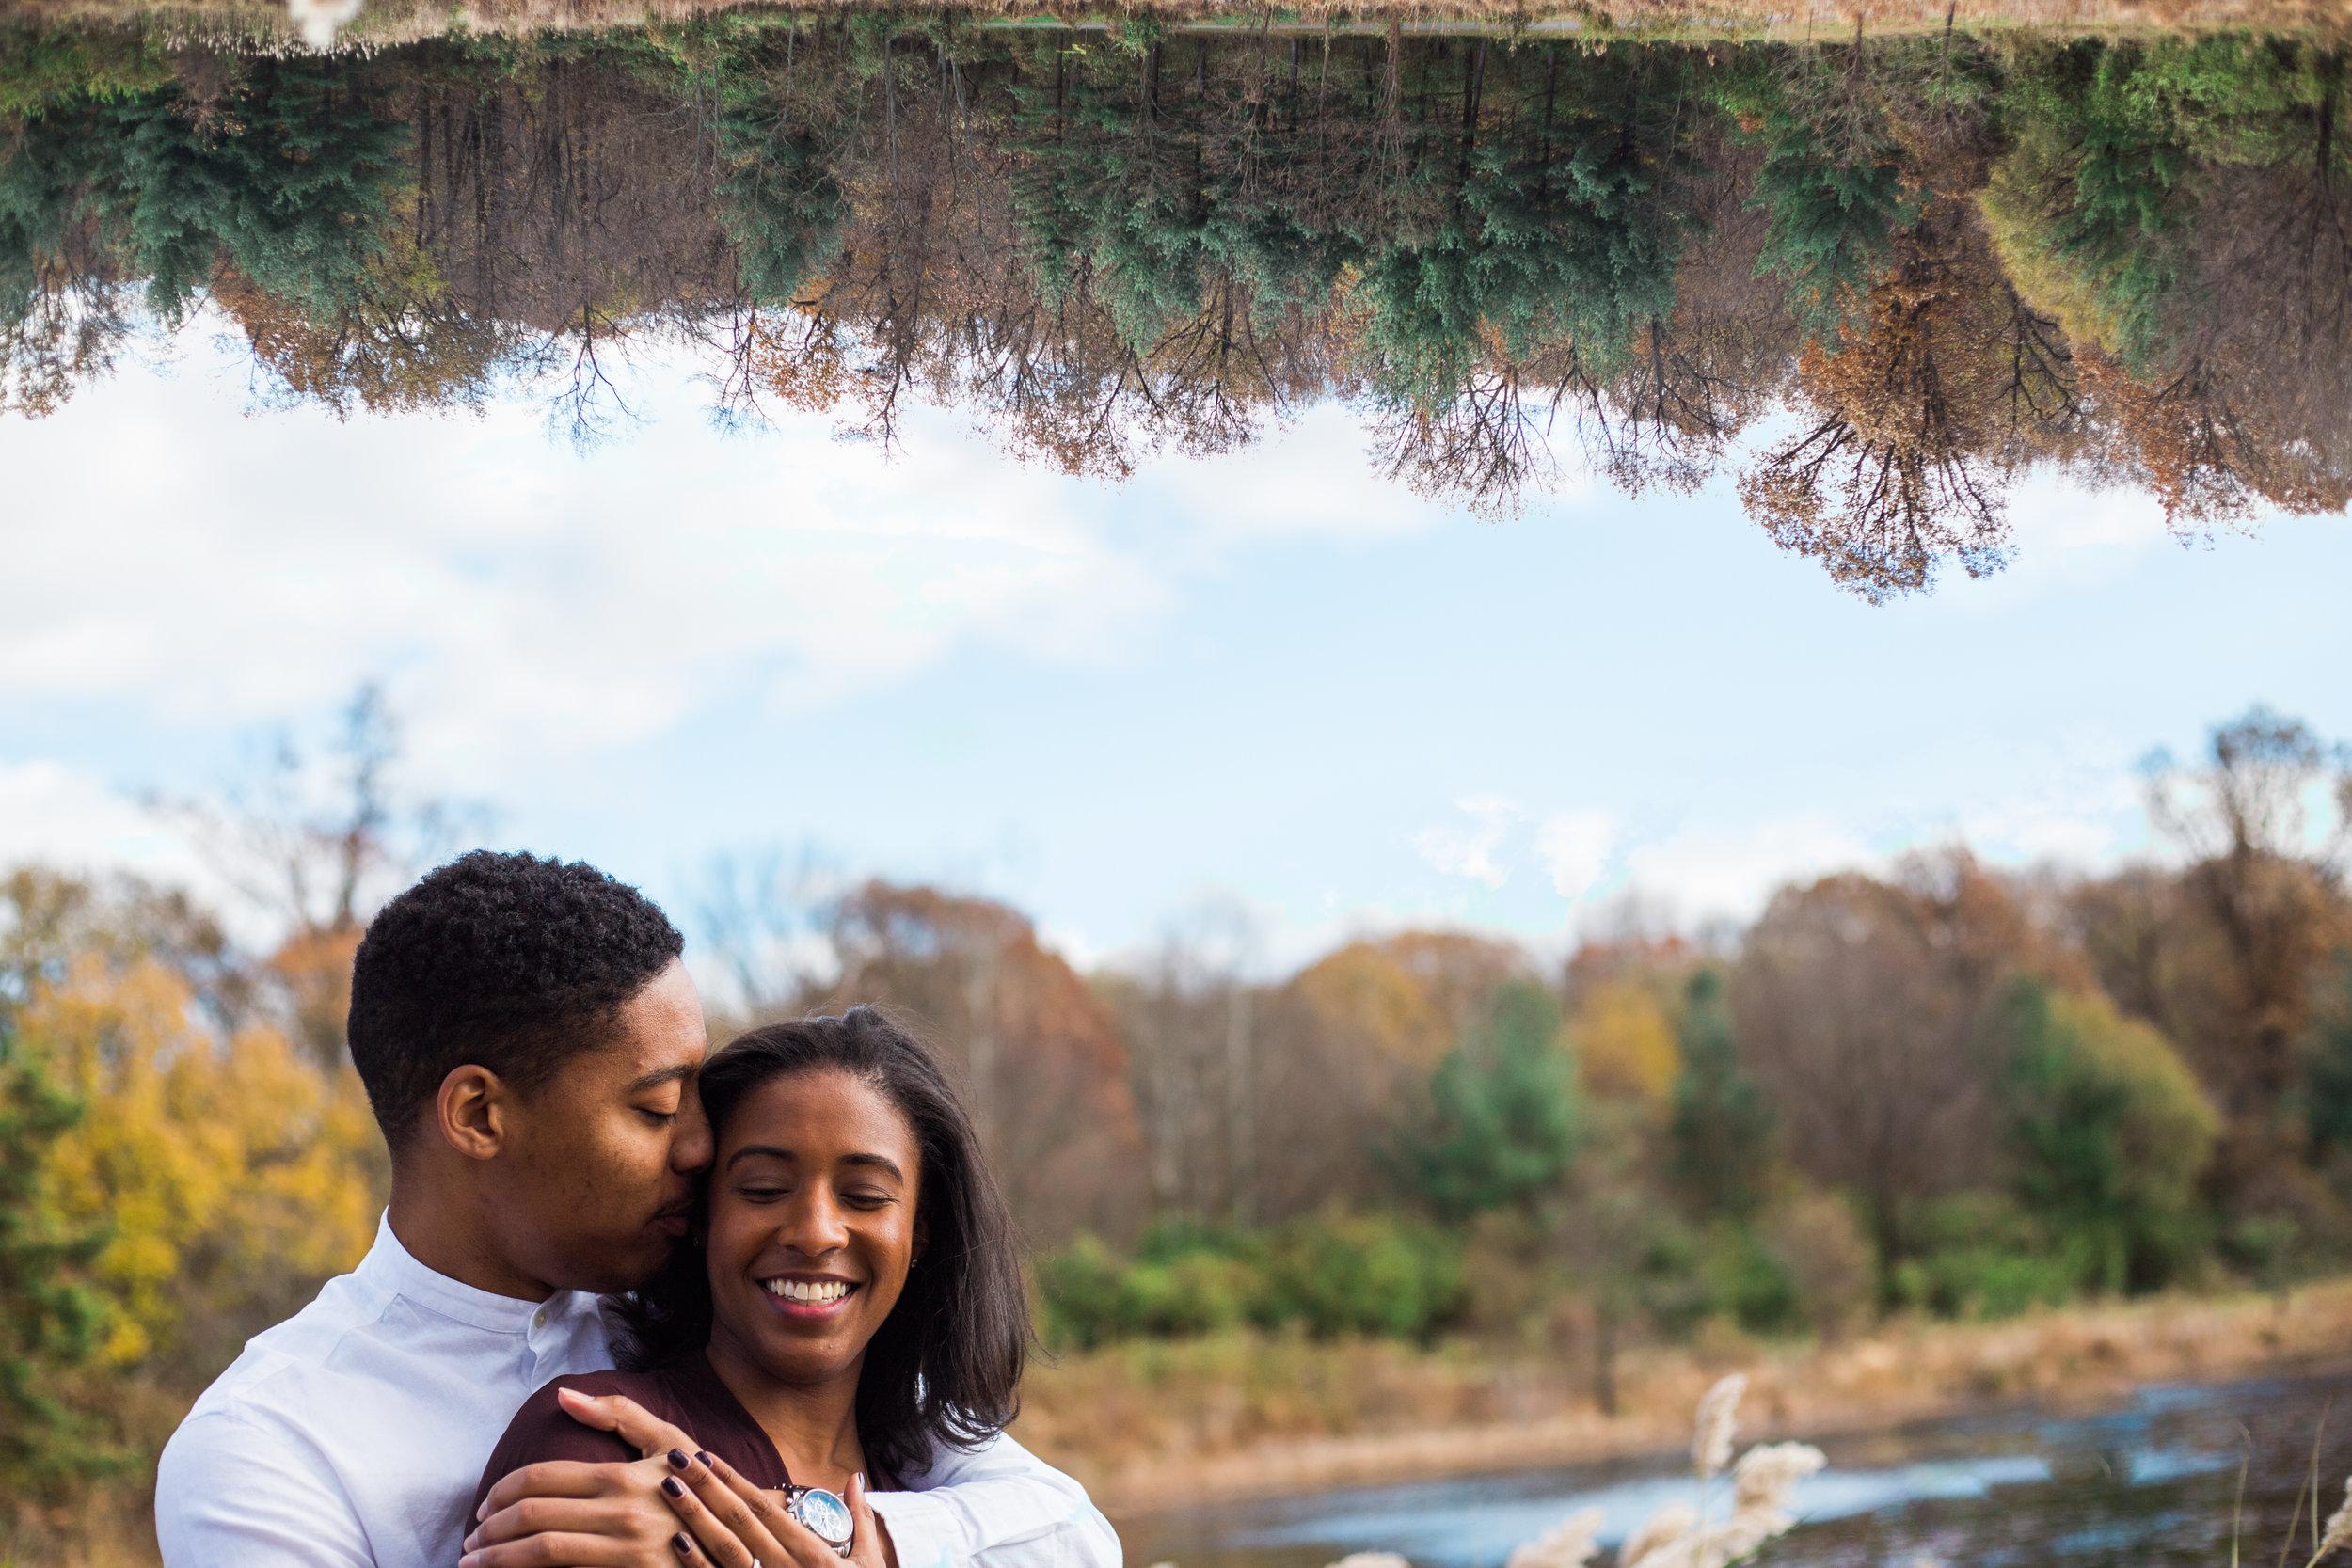 University of Maryland Engagement Session Photography-29.jpg